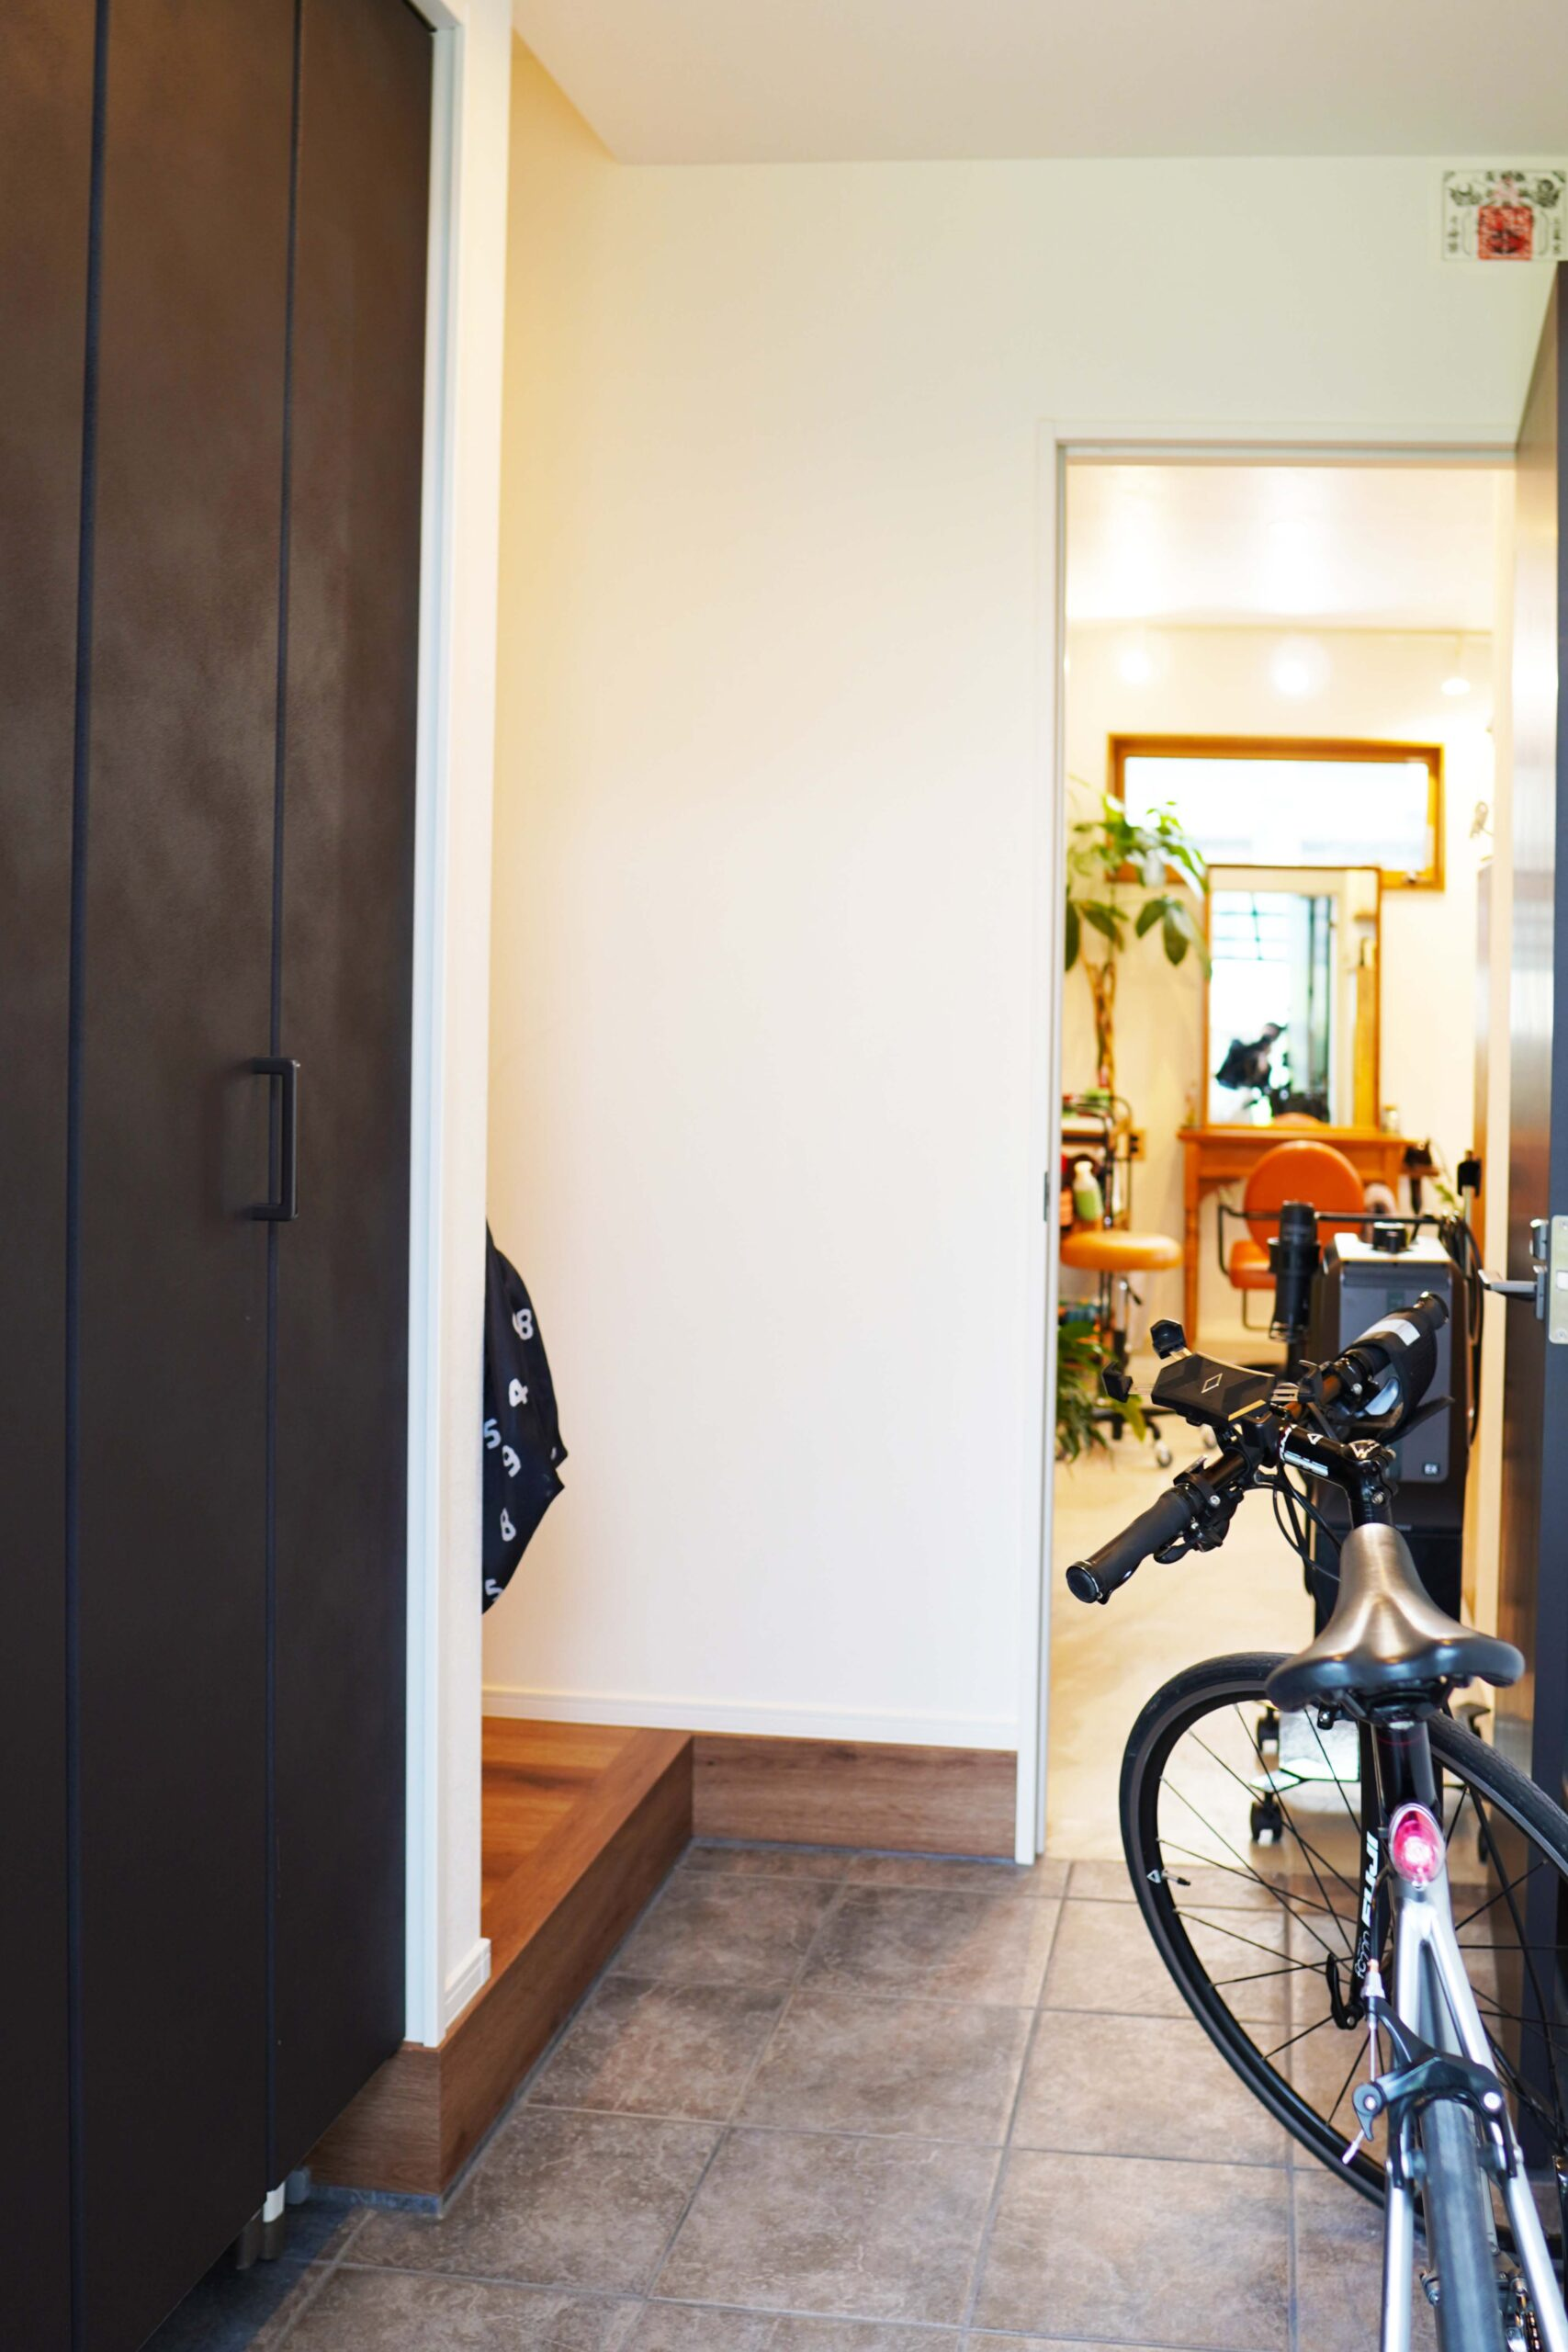 住居部分の玄関。店舗とはアプローチを変えることで、適度な距離感を保っている。